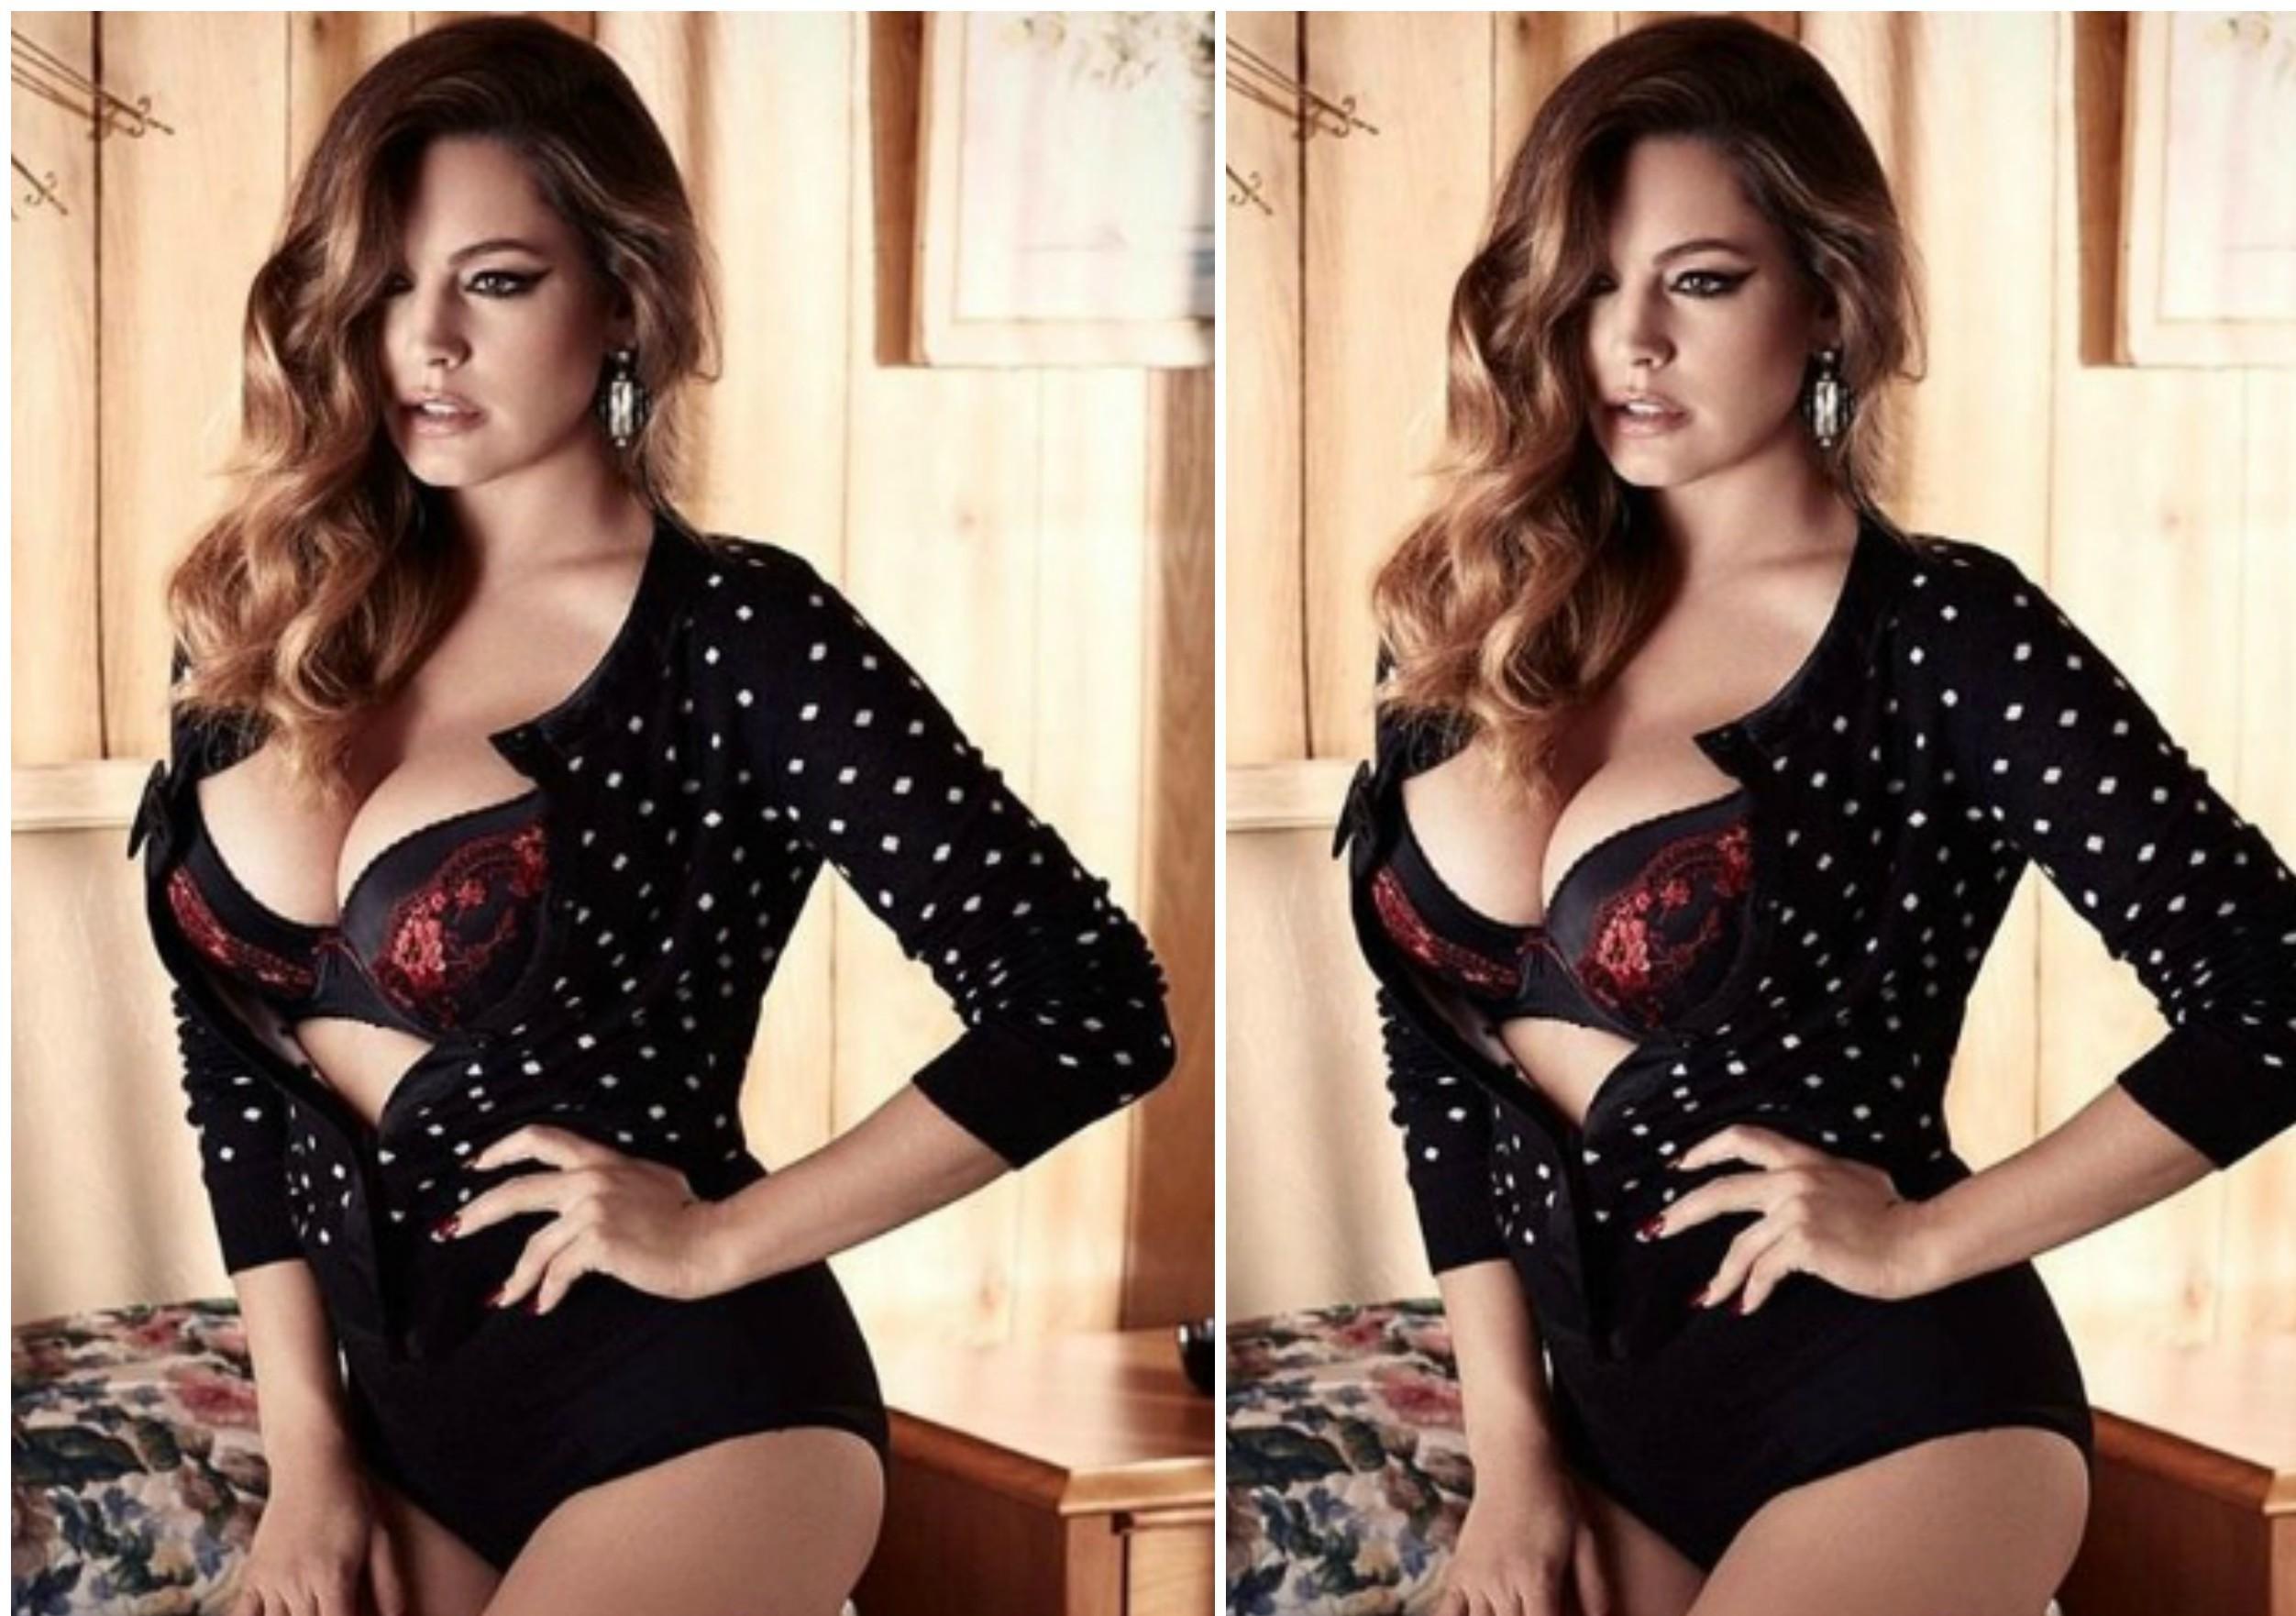 Slažete li se sa znanstvenicima? Tvrde da ovako izgleda savršeno žensko tijelo!